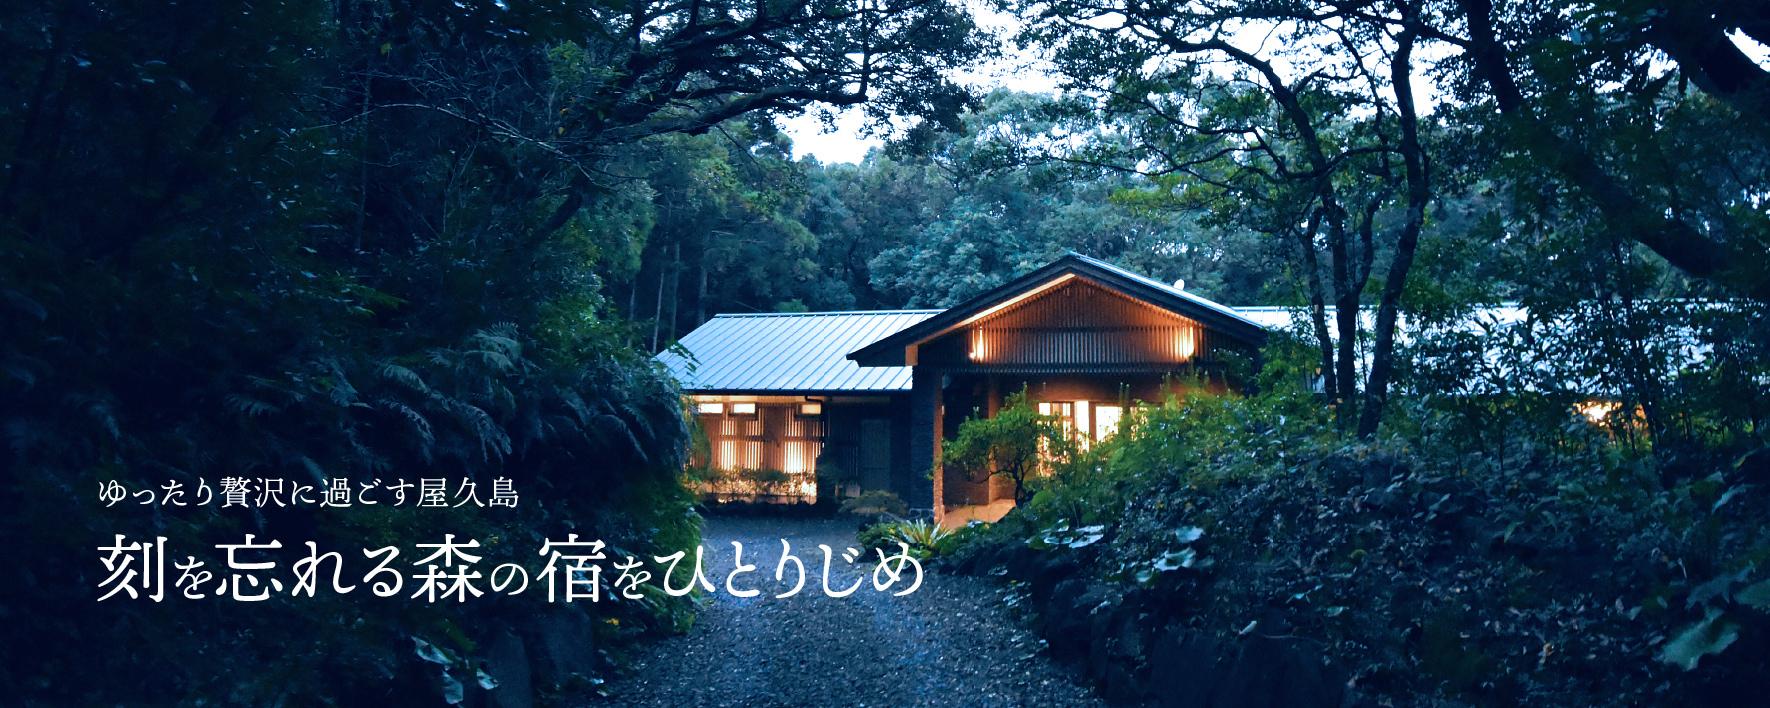 ゆったり贅沢に過ごす屋久島 刻を忘れる森の宿をひとりじめ